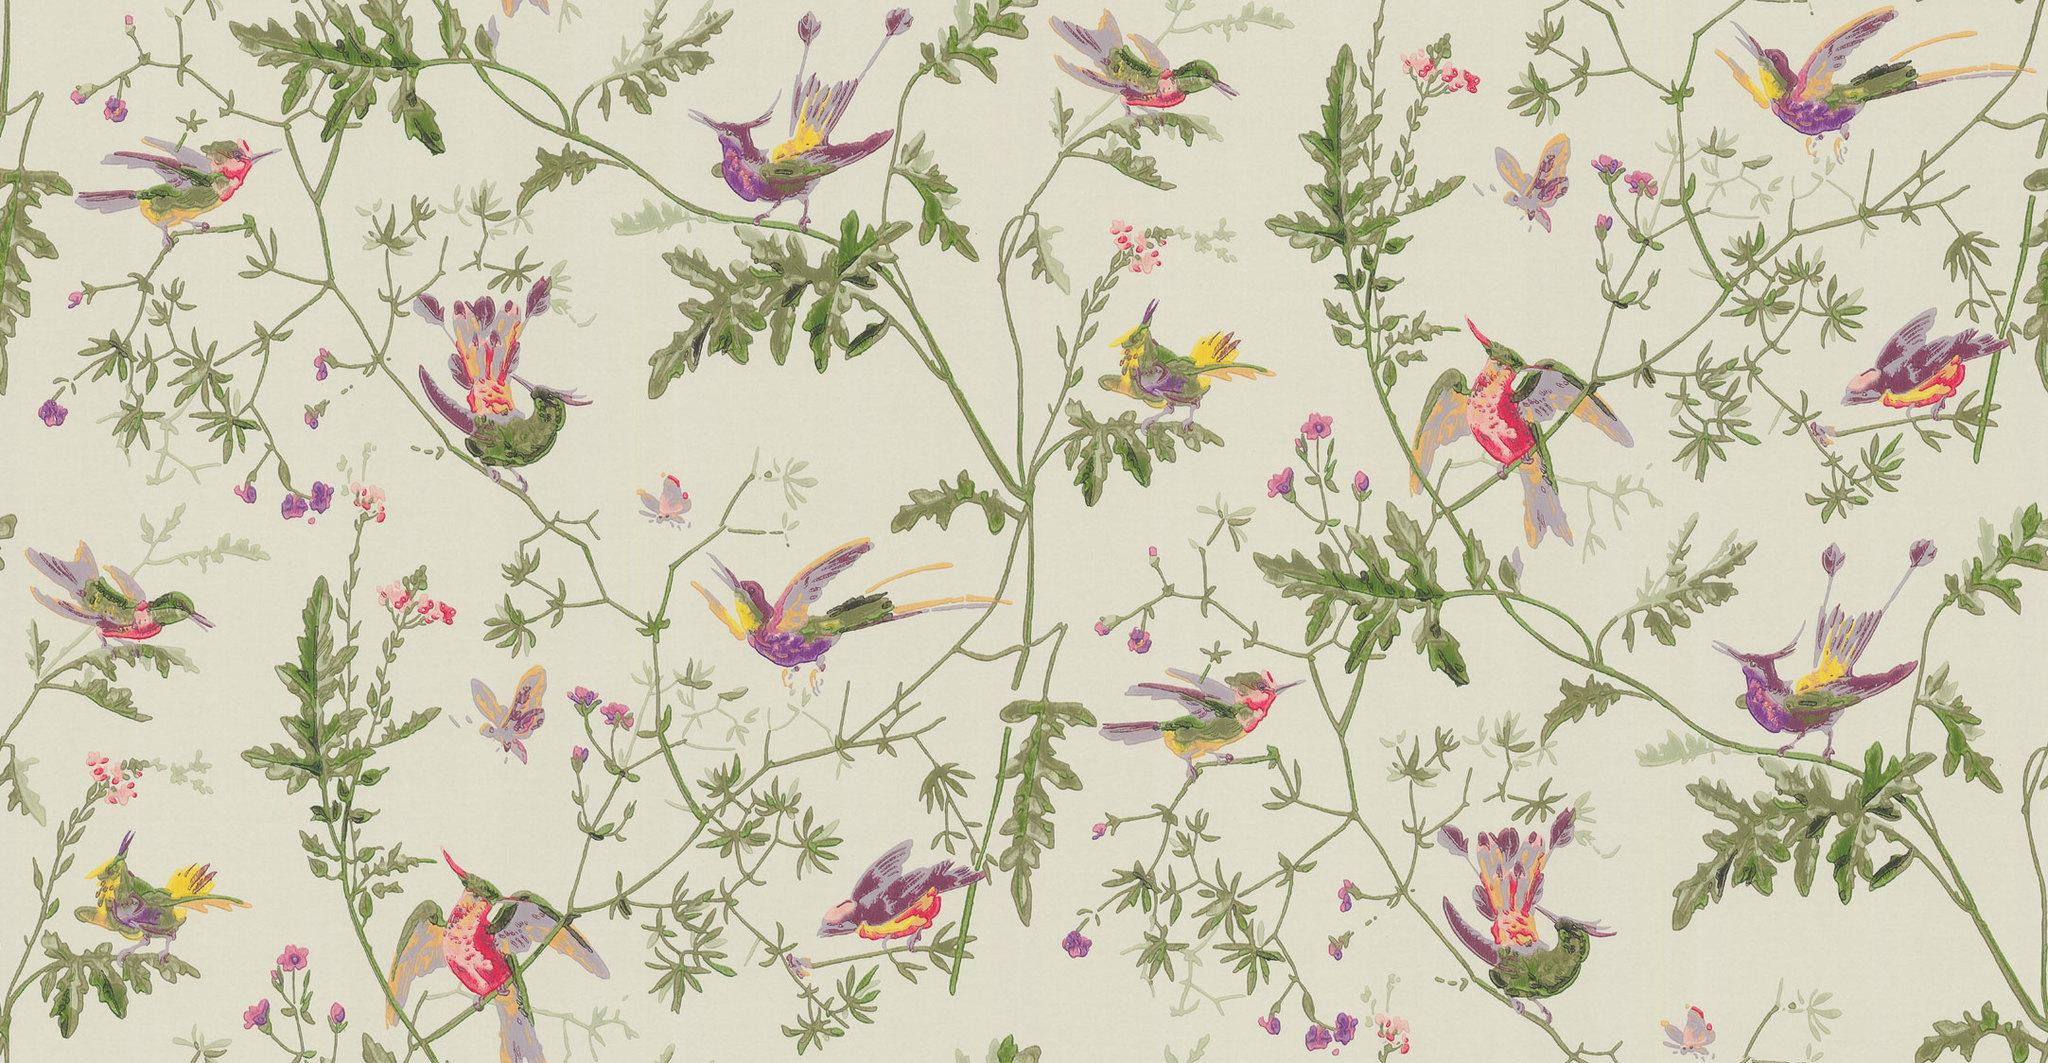 Обои Cole & Son Collection of Flowers 62/1002, интернет магазин Волео